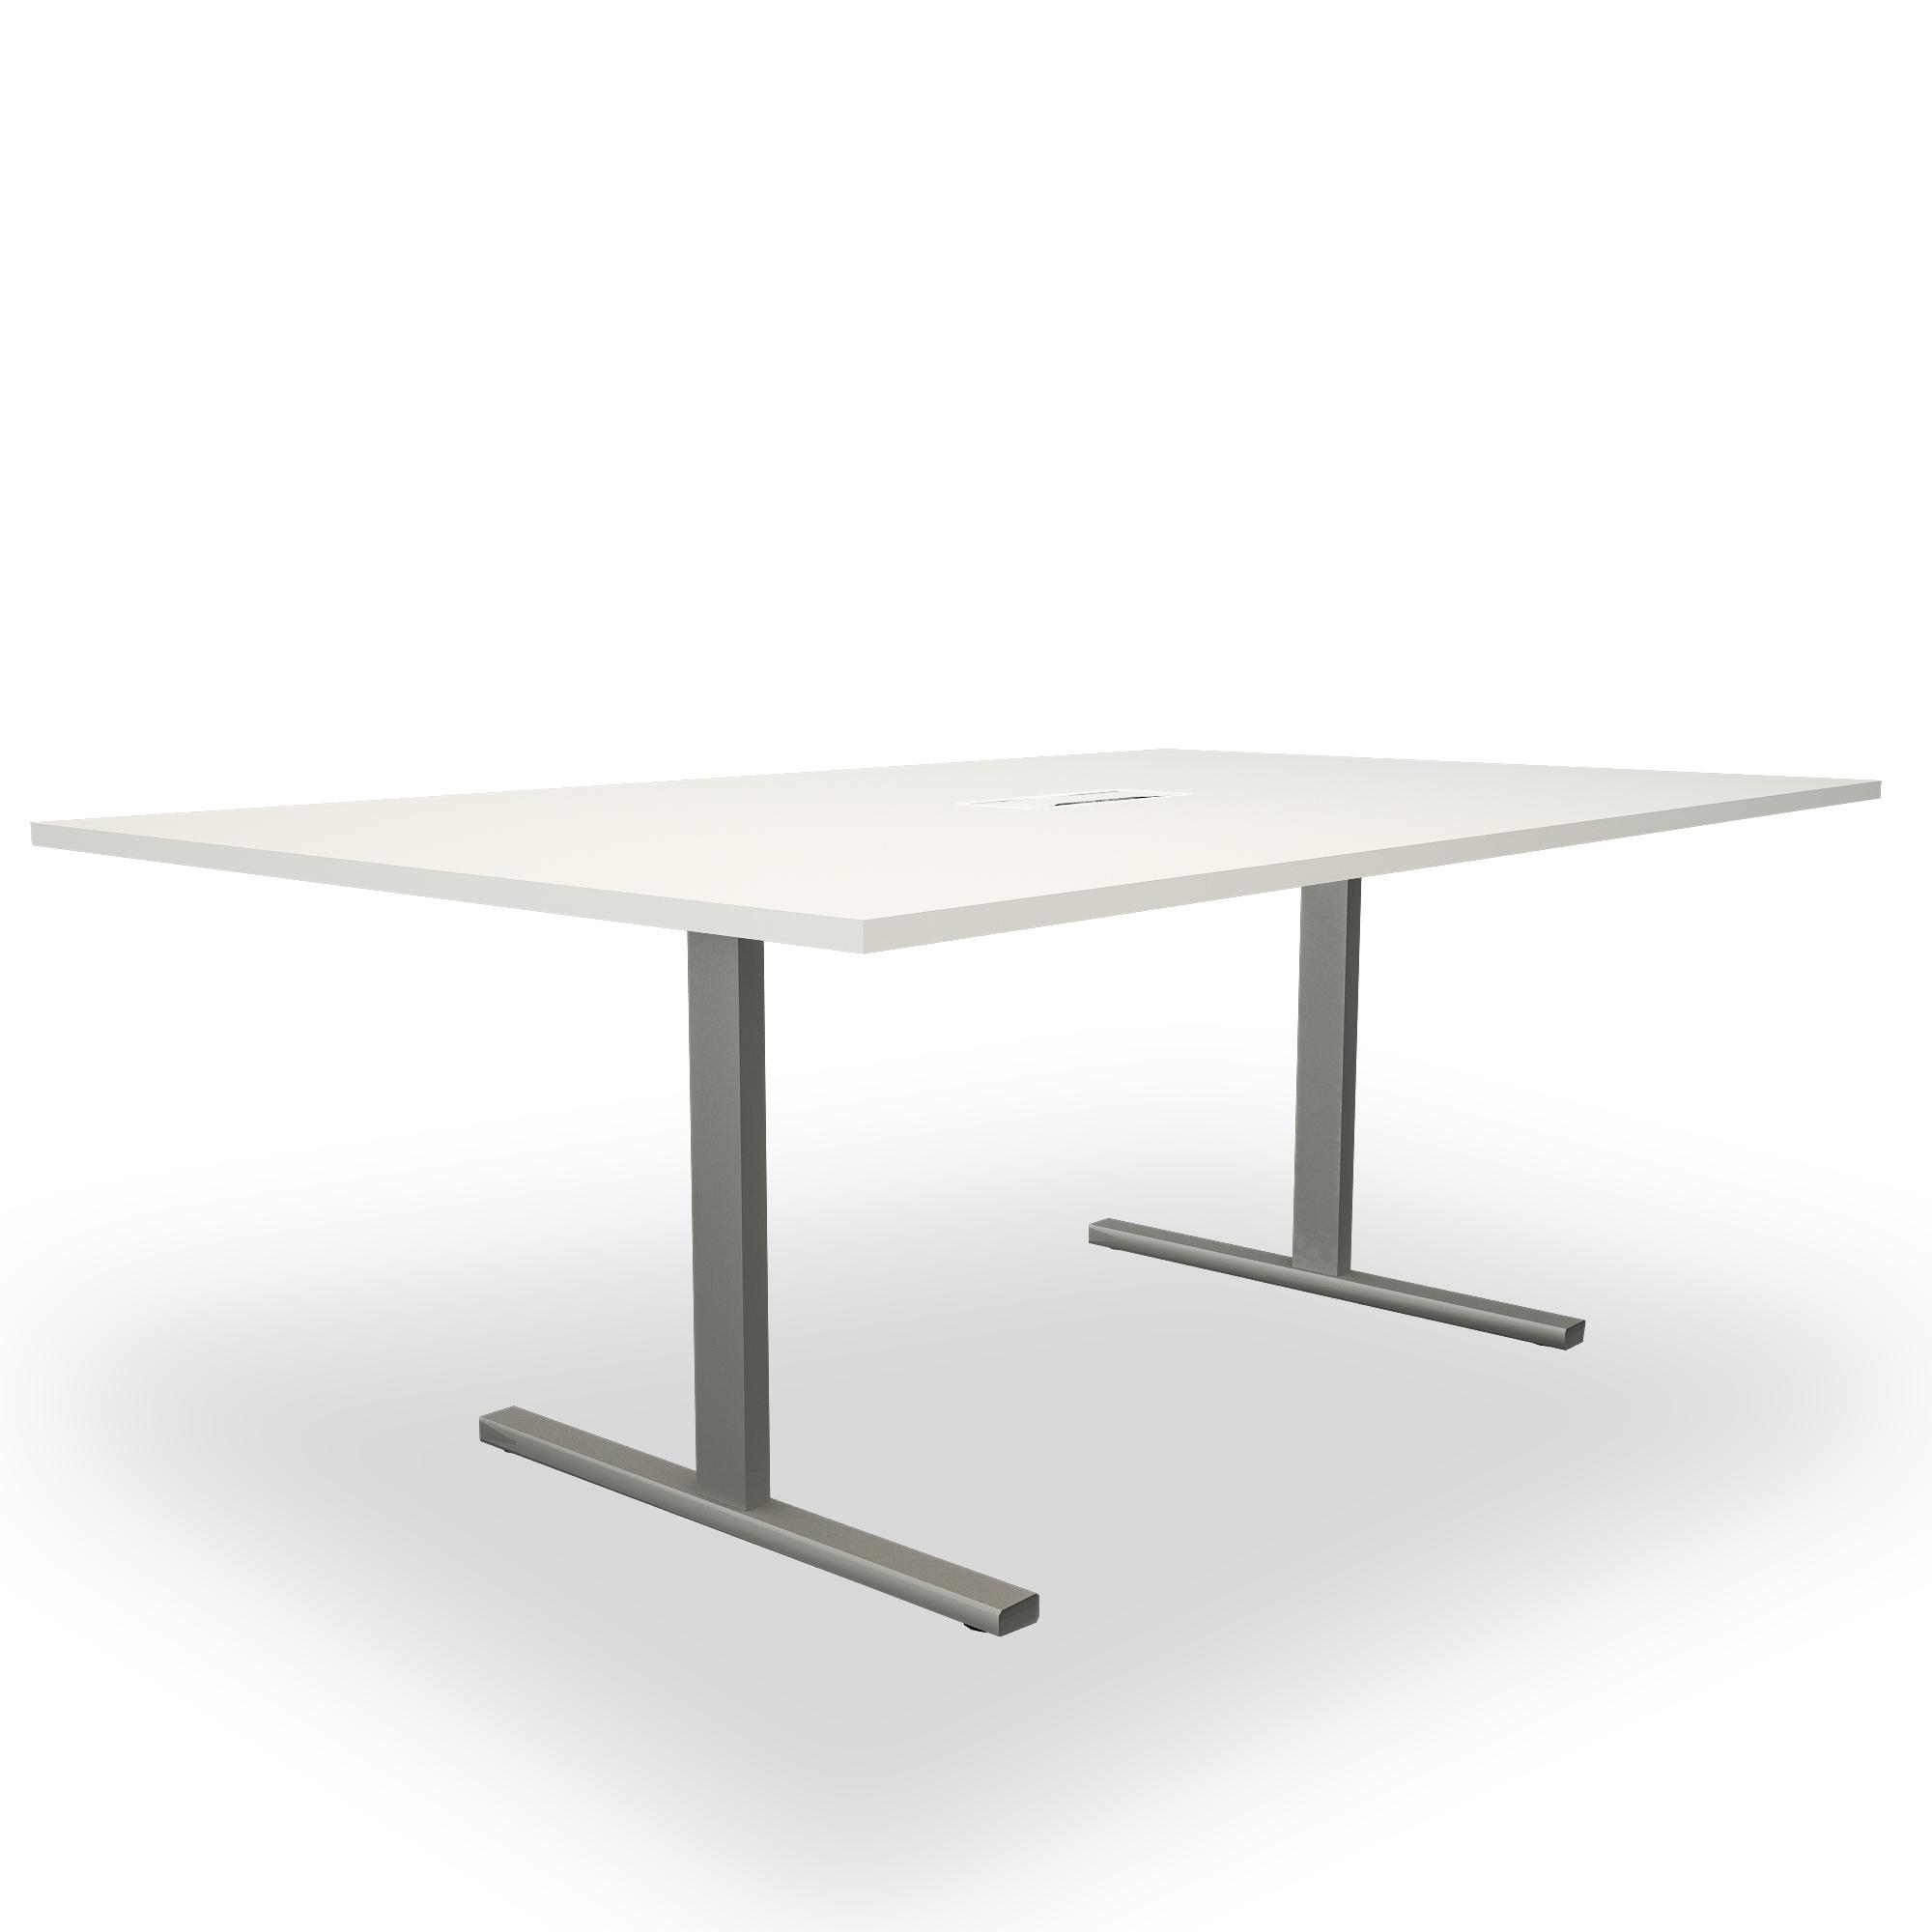 Konferenztisch 200x120 cm Elektrifizierung Besprechungstisch Tisch Büro T-EASY